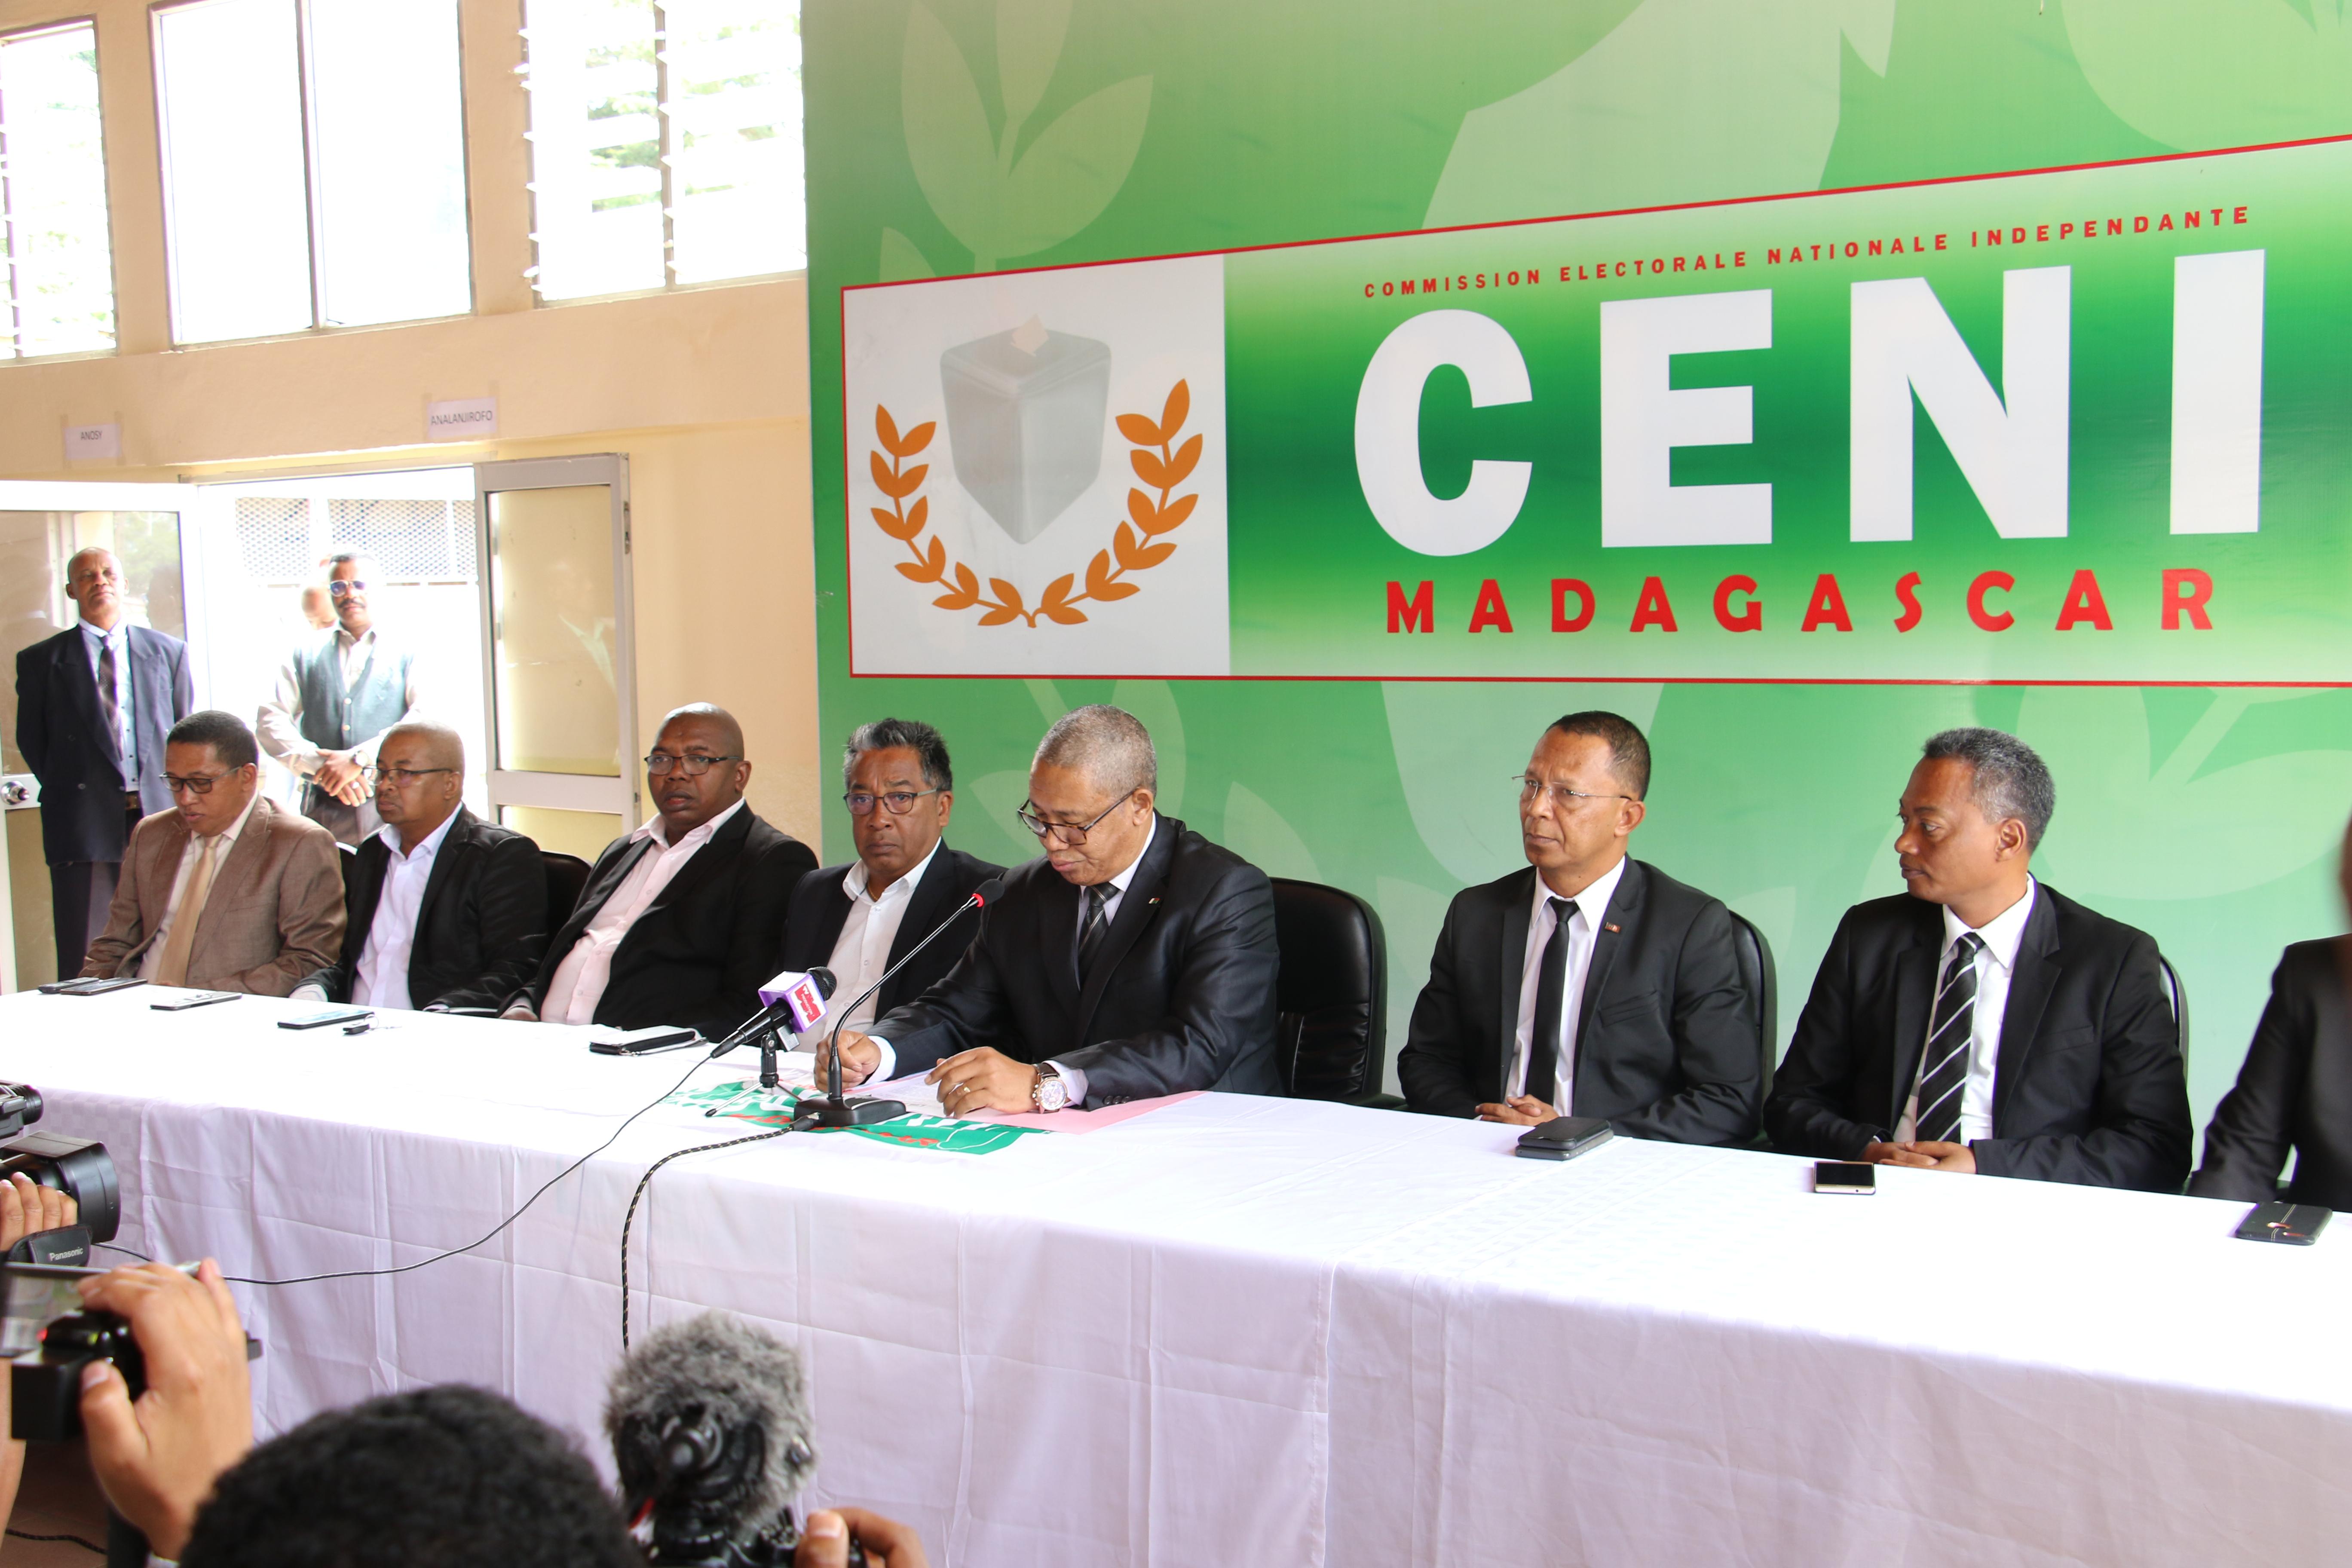 Conférence de presse concernant la liste électorale